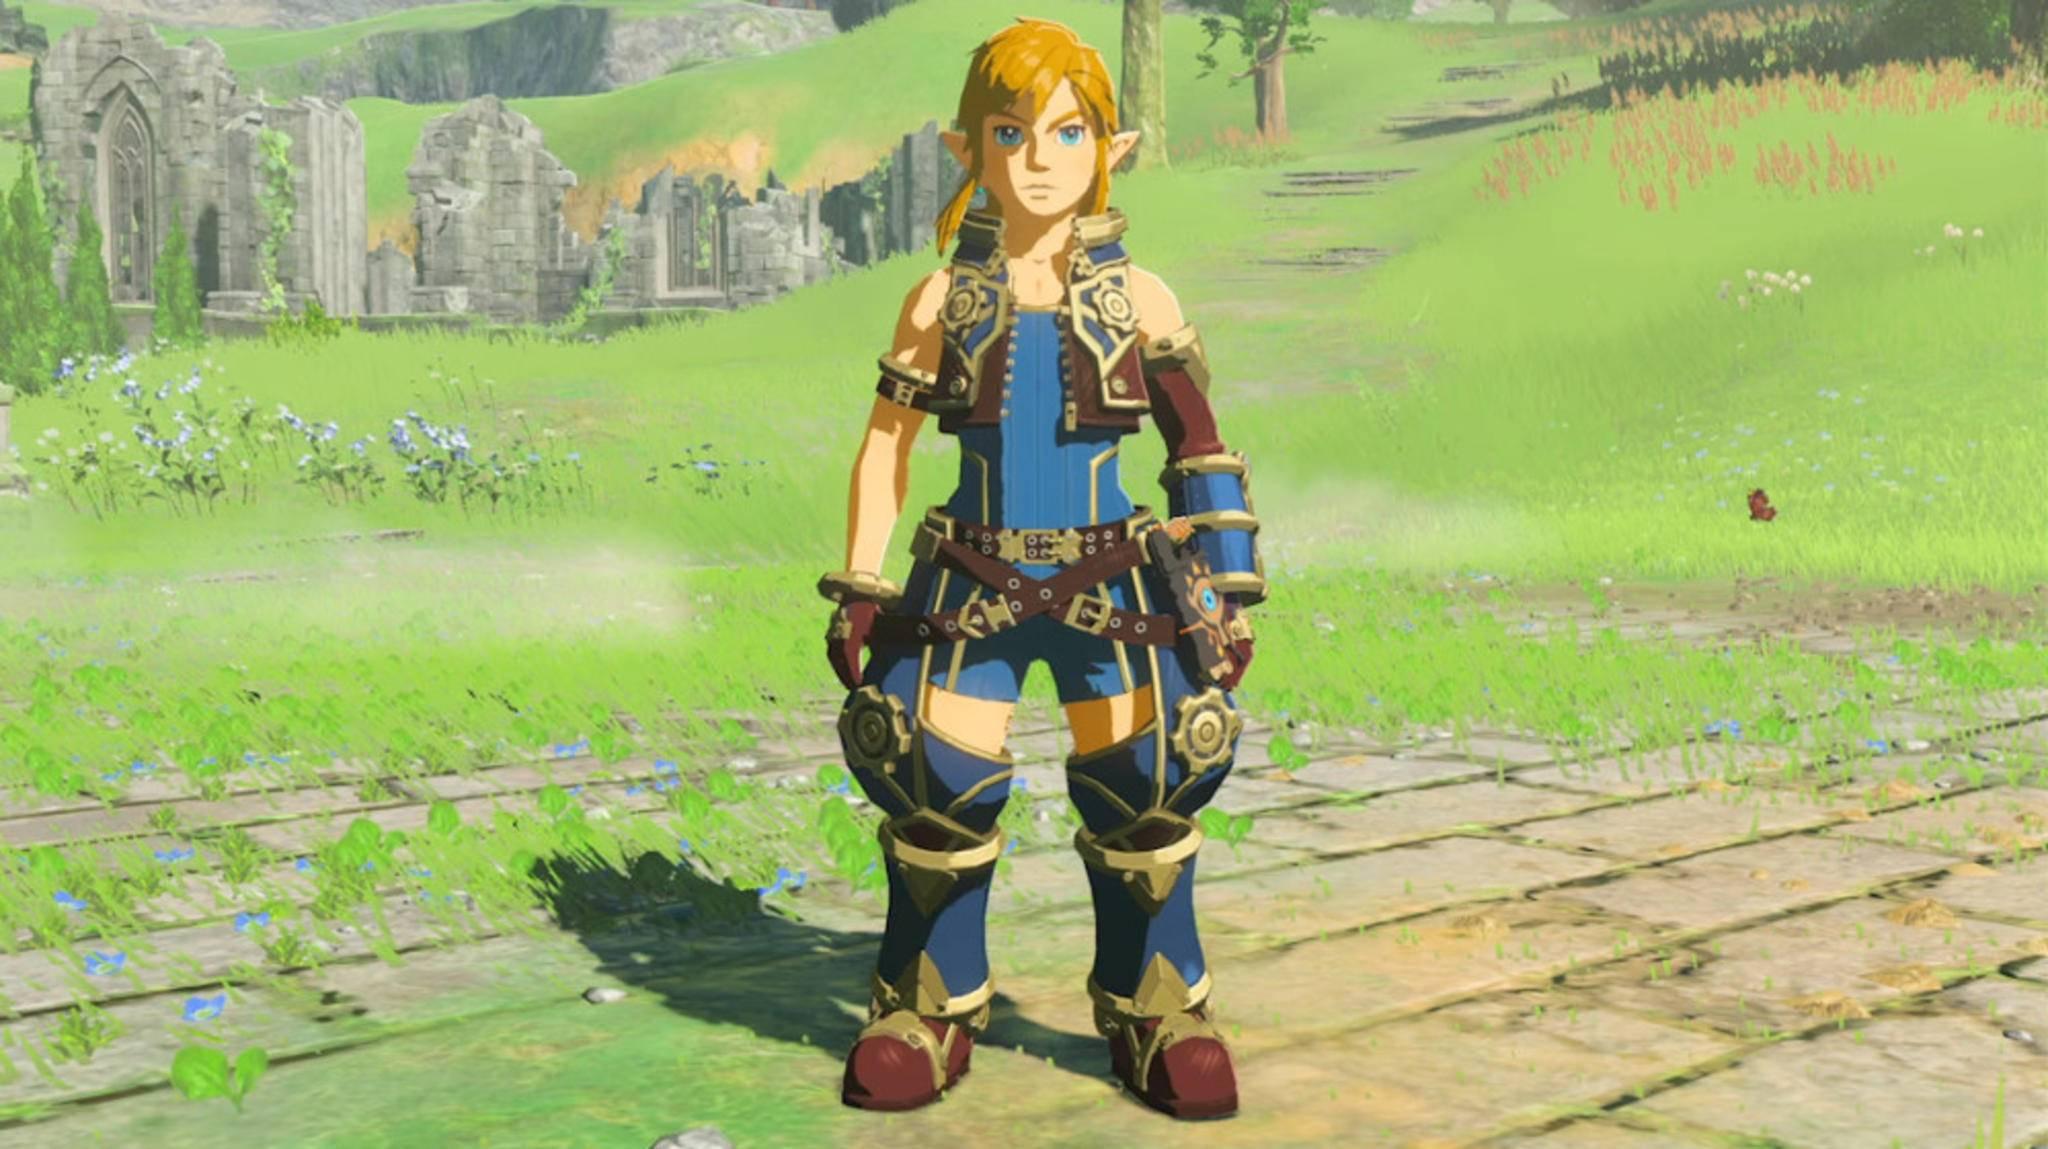 """Mit dem Bergungstaucher-Outfit kann sich Link als Rex aus """"Xenoblade Chronicles 2"""" verkleiden."""